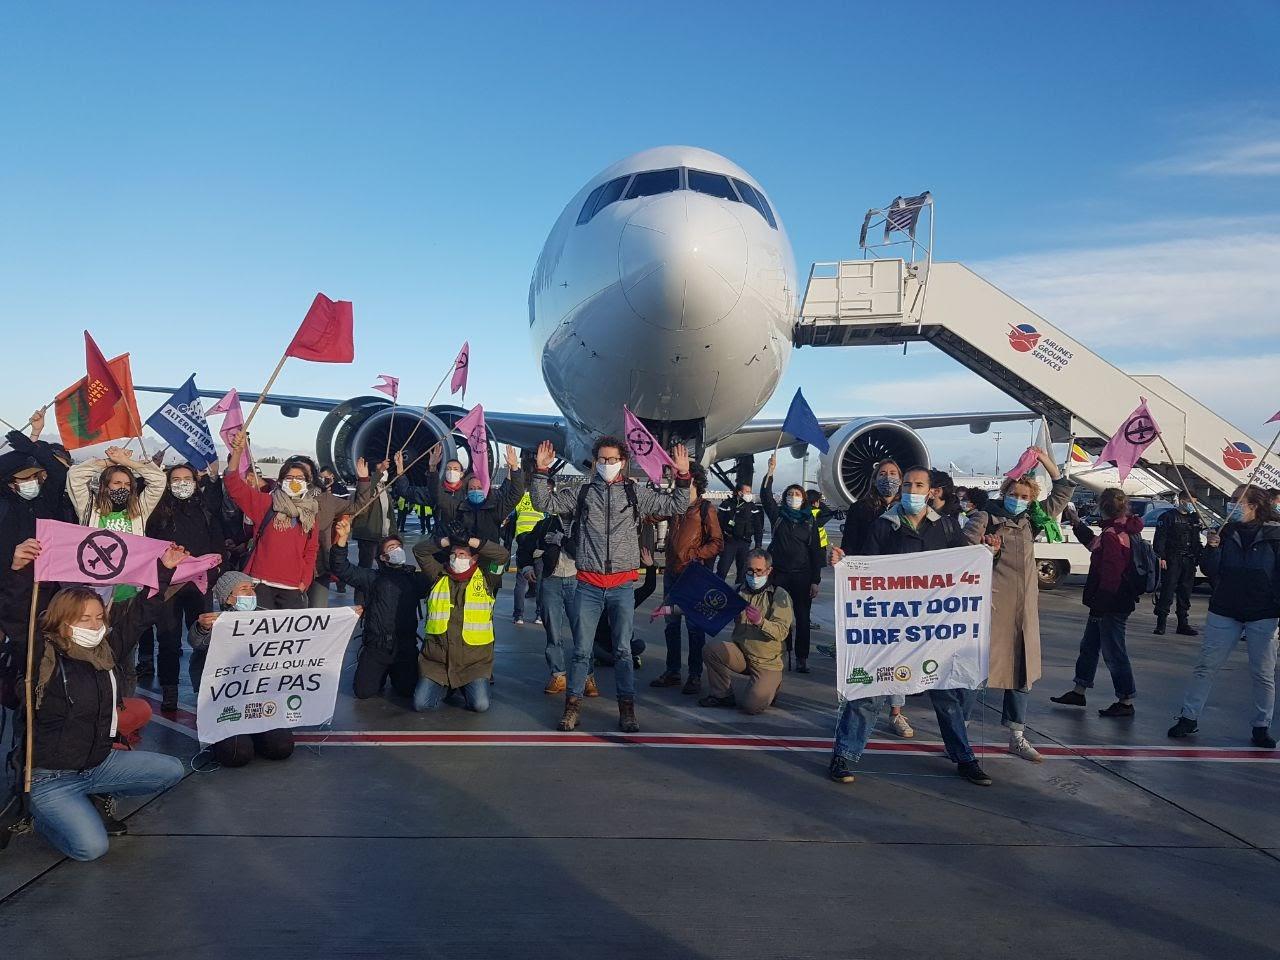 87 personnes sur le tarmac de l'aéroport de Roissy bloquent le décollage d'un avion